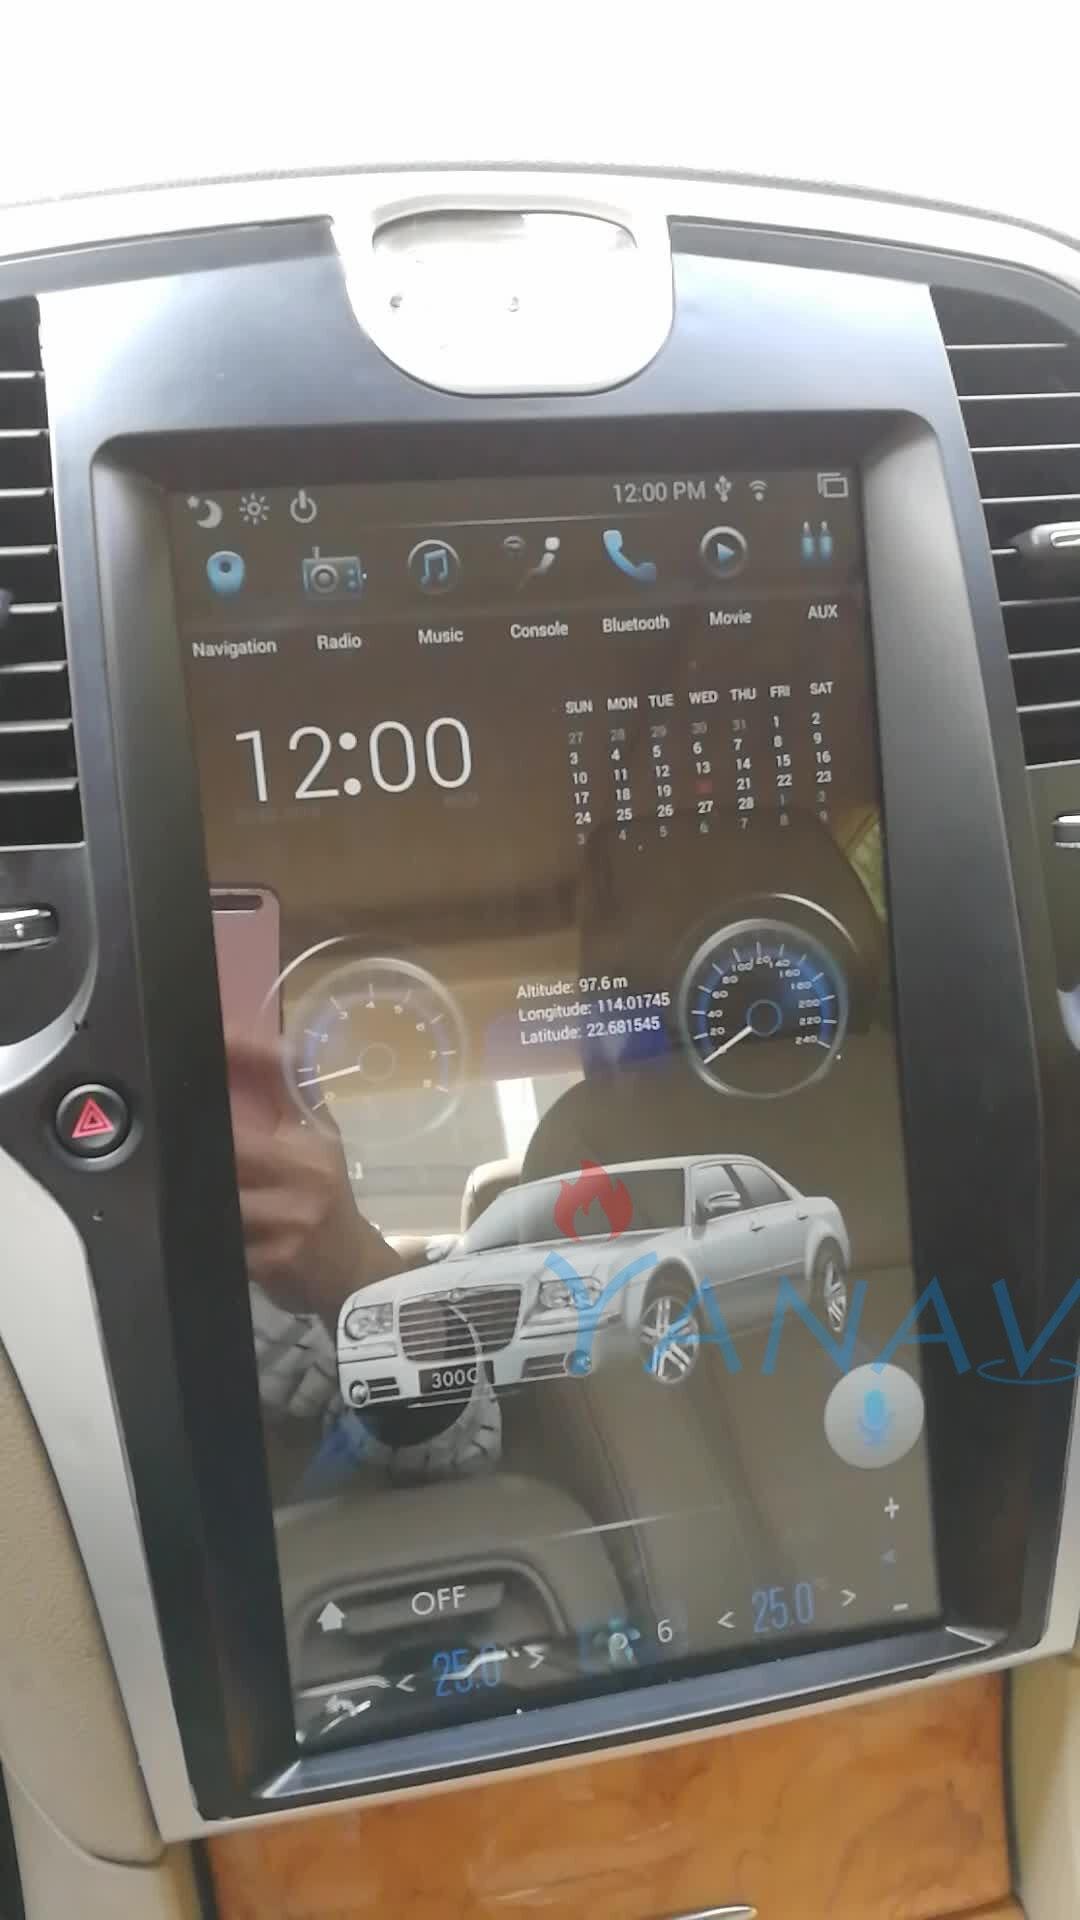 13,3 pulgadas Android pantalla vertical reproductor de radio para coche para chrysler 300C 2013-2019 navegación GPS estéreo de coche reproductor de DVD Multimedia